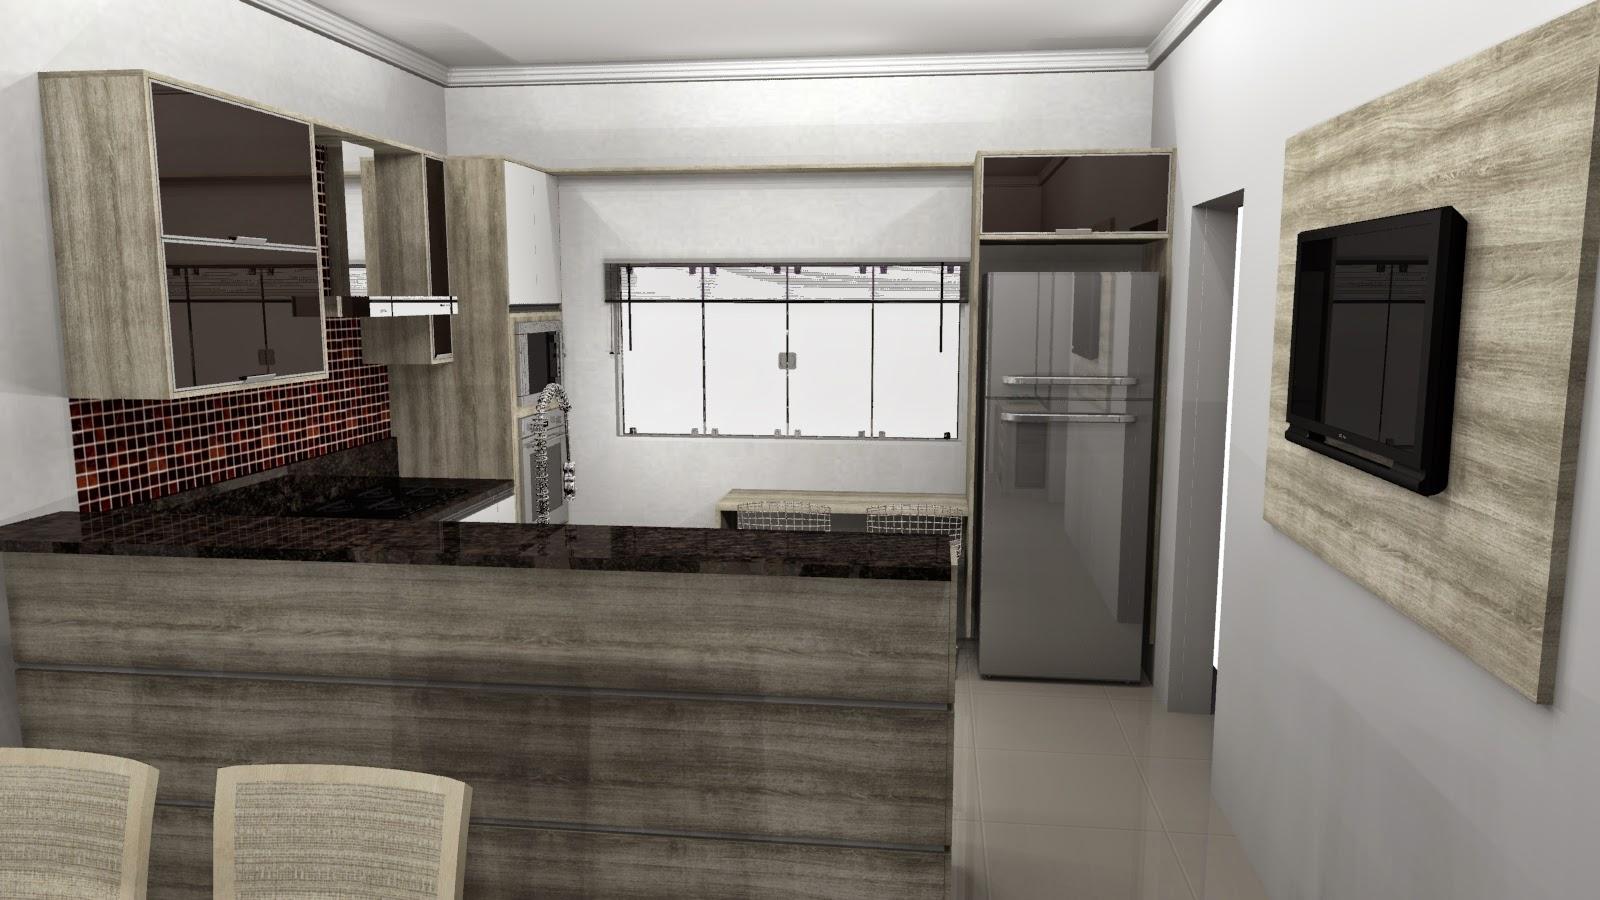 Curtindo nosso novo cantinho: Nova e definitiva cozinha! #756C56 1600 900